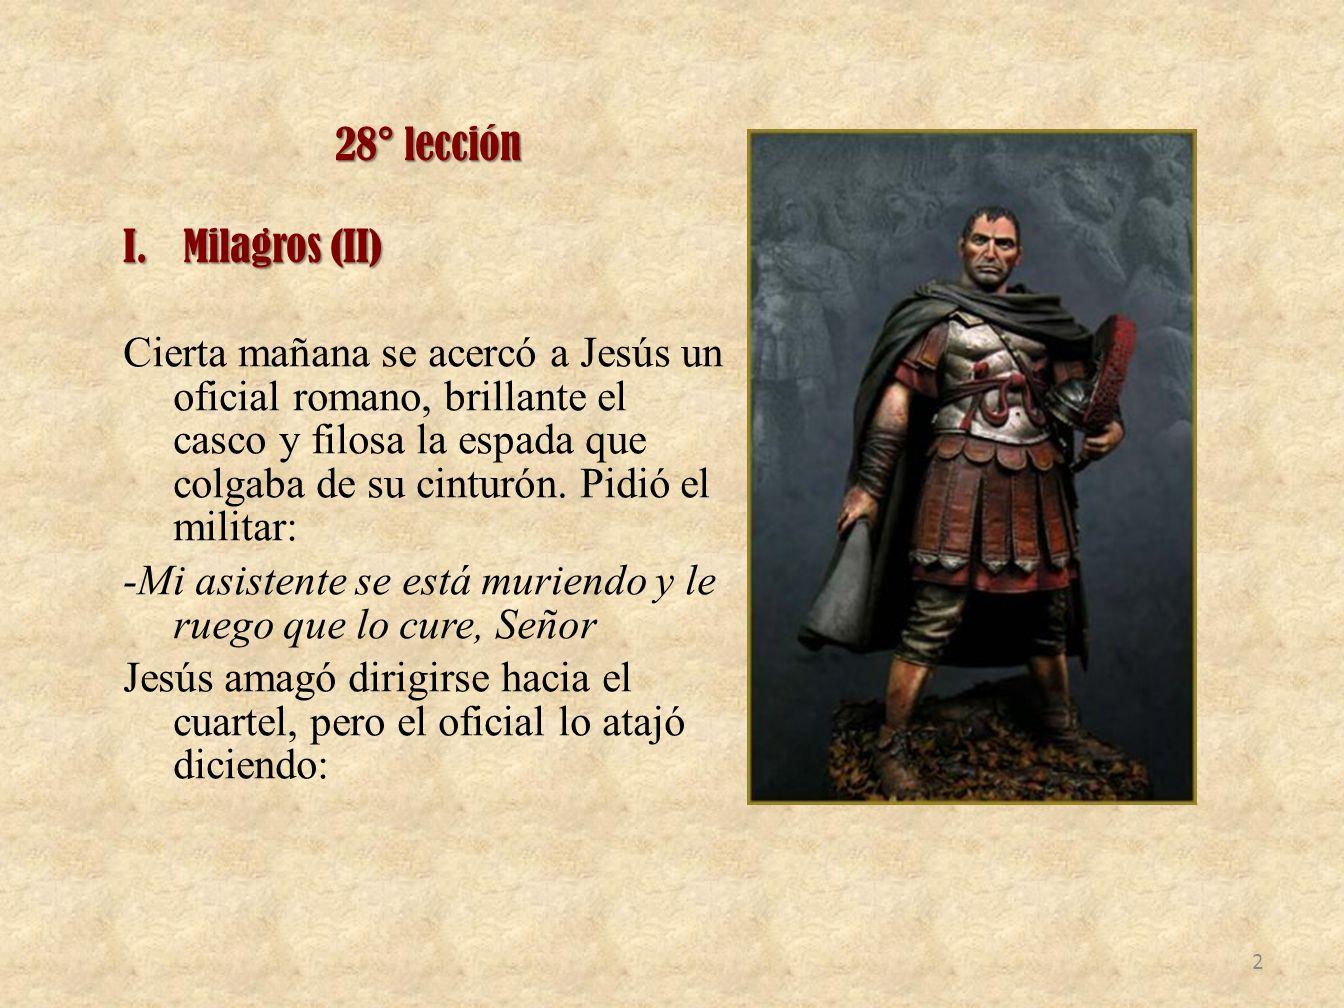 28° lección Milagros (II)